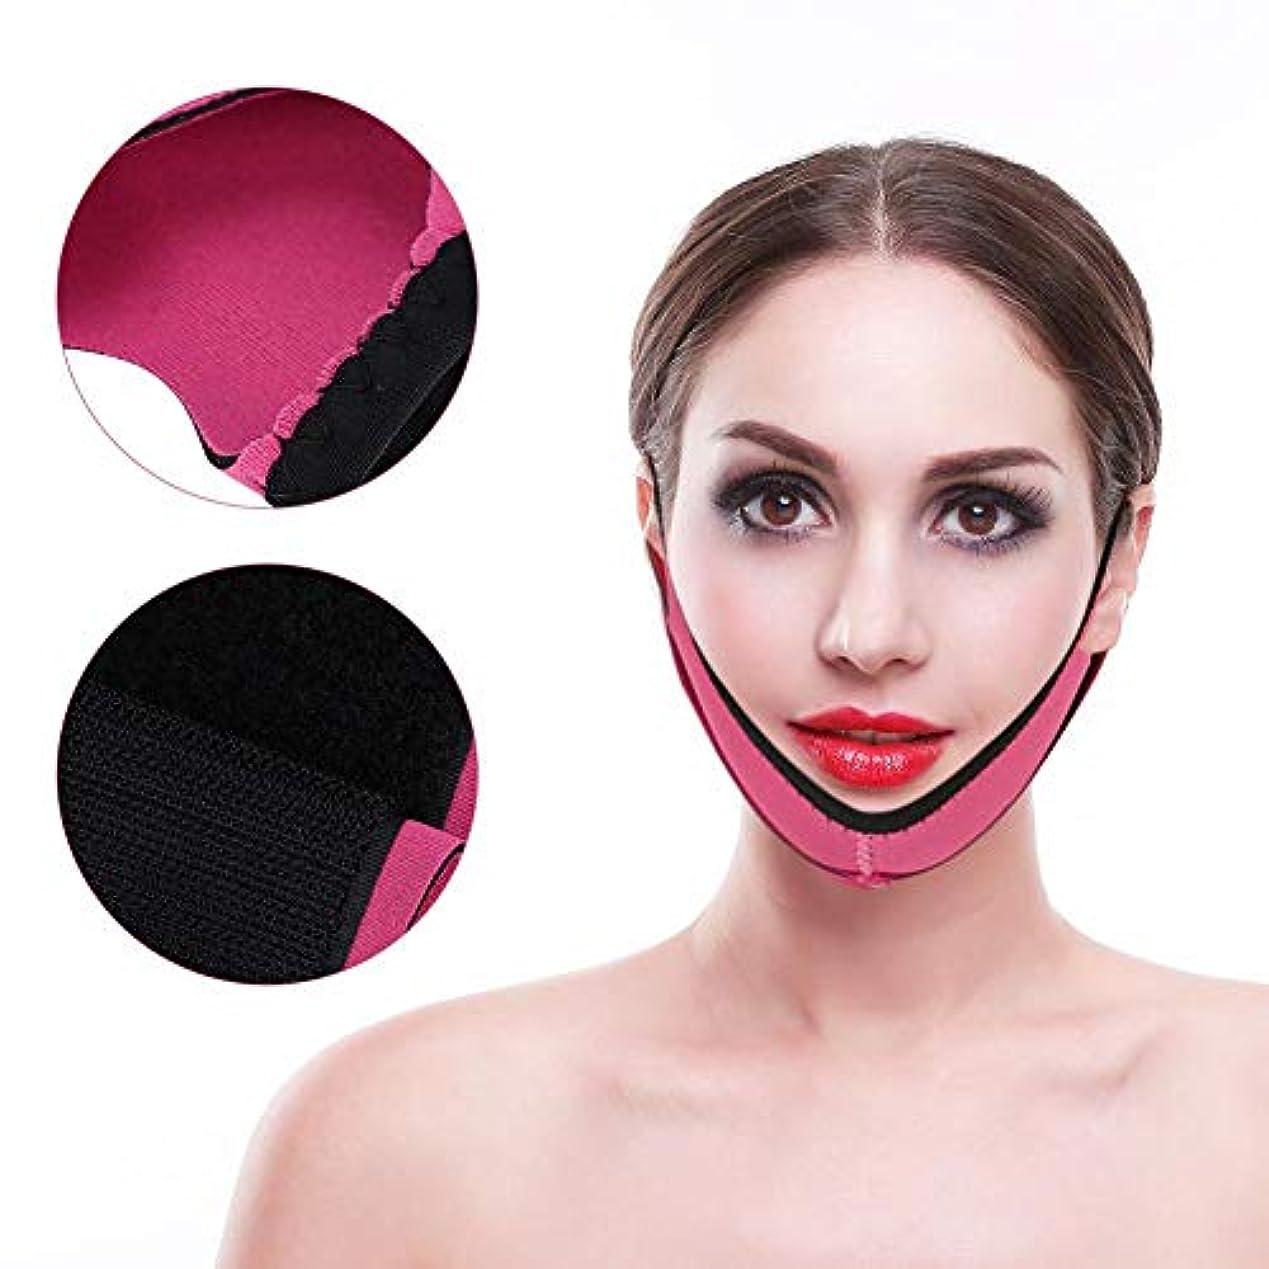 製品等価叙情的なVフェイスラインベルト、超薄型ストラップバンドVフェイスラインベルトは、二重あごと顔面筋の弛緩を効果的に改善します。